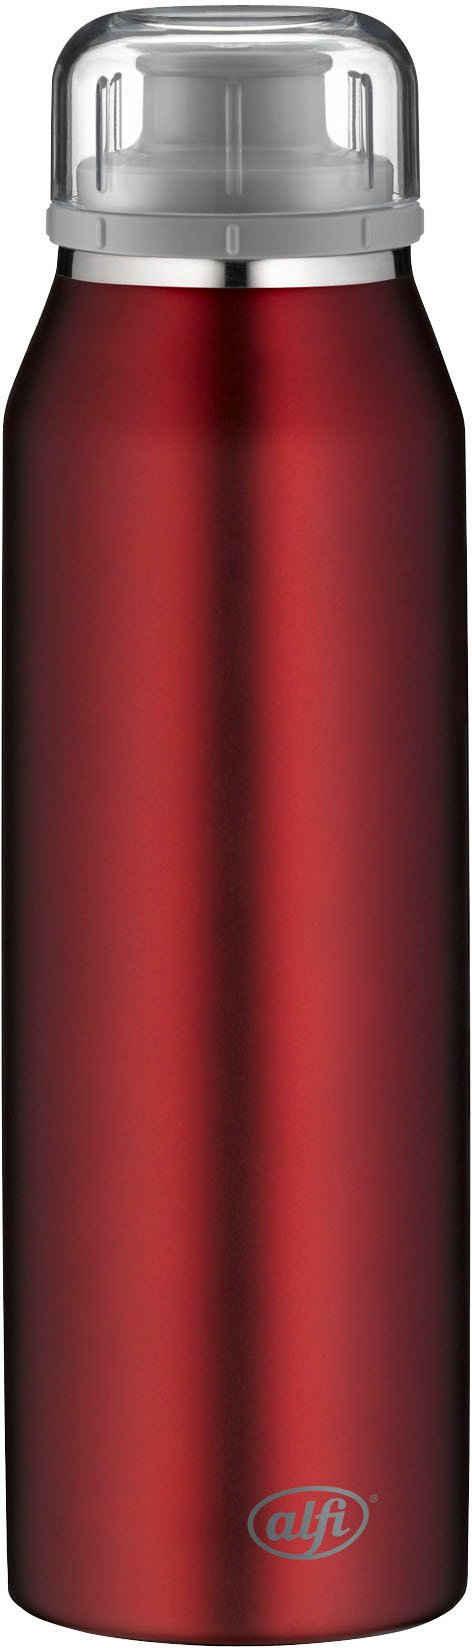 Alfi Thermoflasche »Pure«, 500 ml